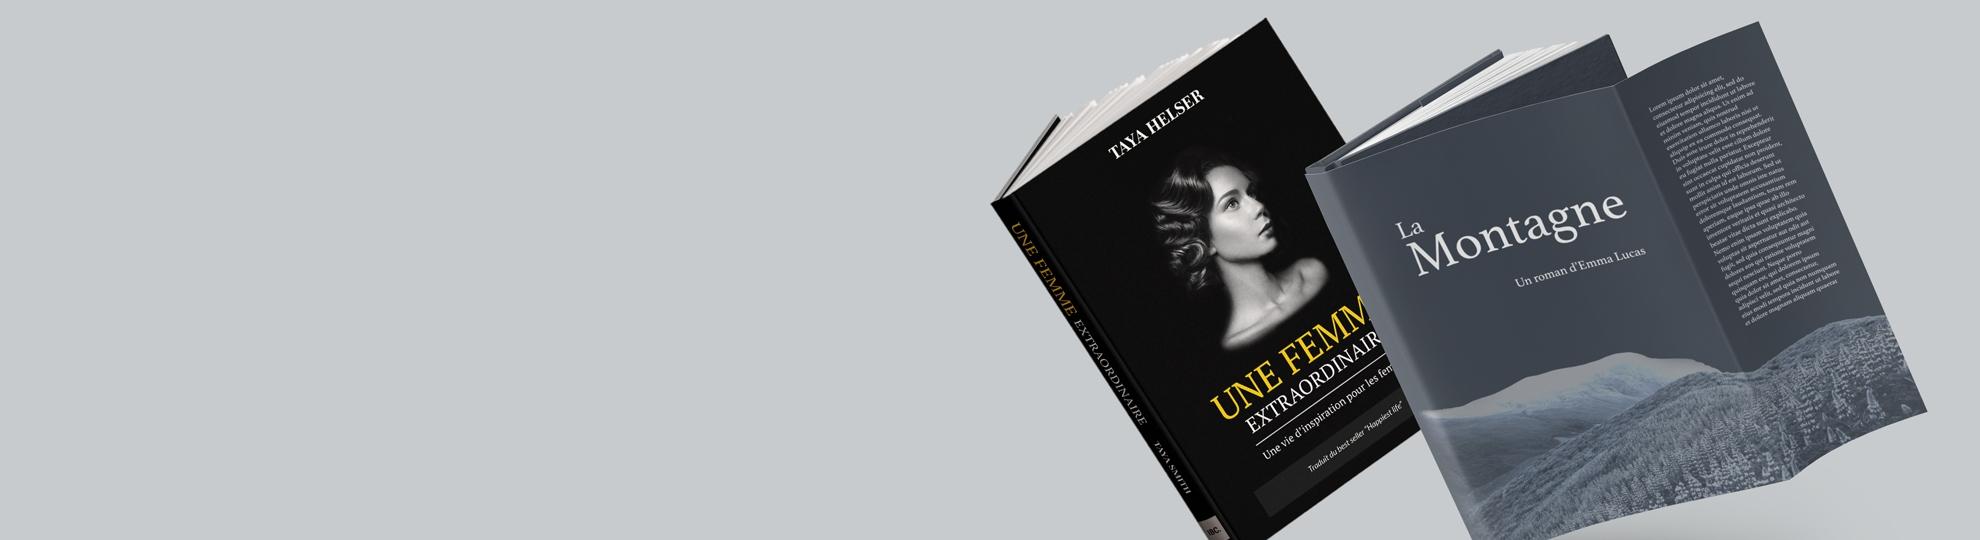 Imprimer Livre de poche et roman